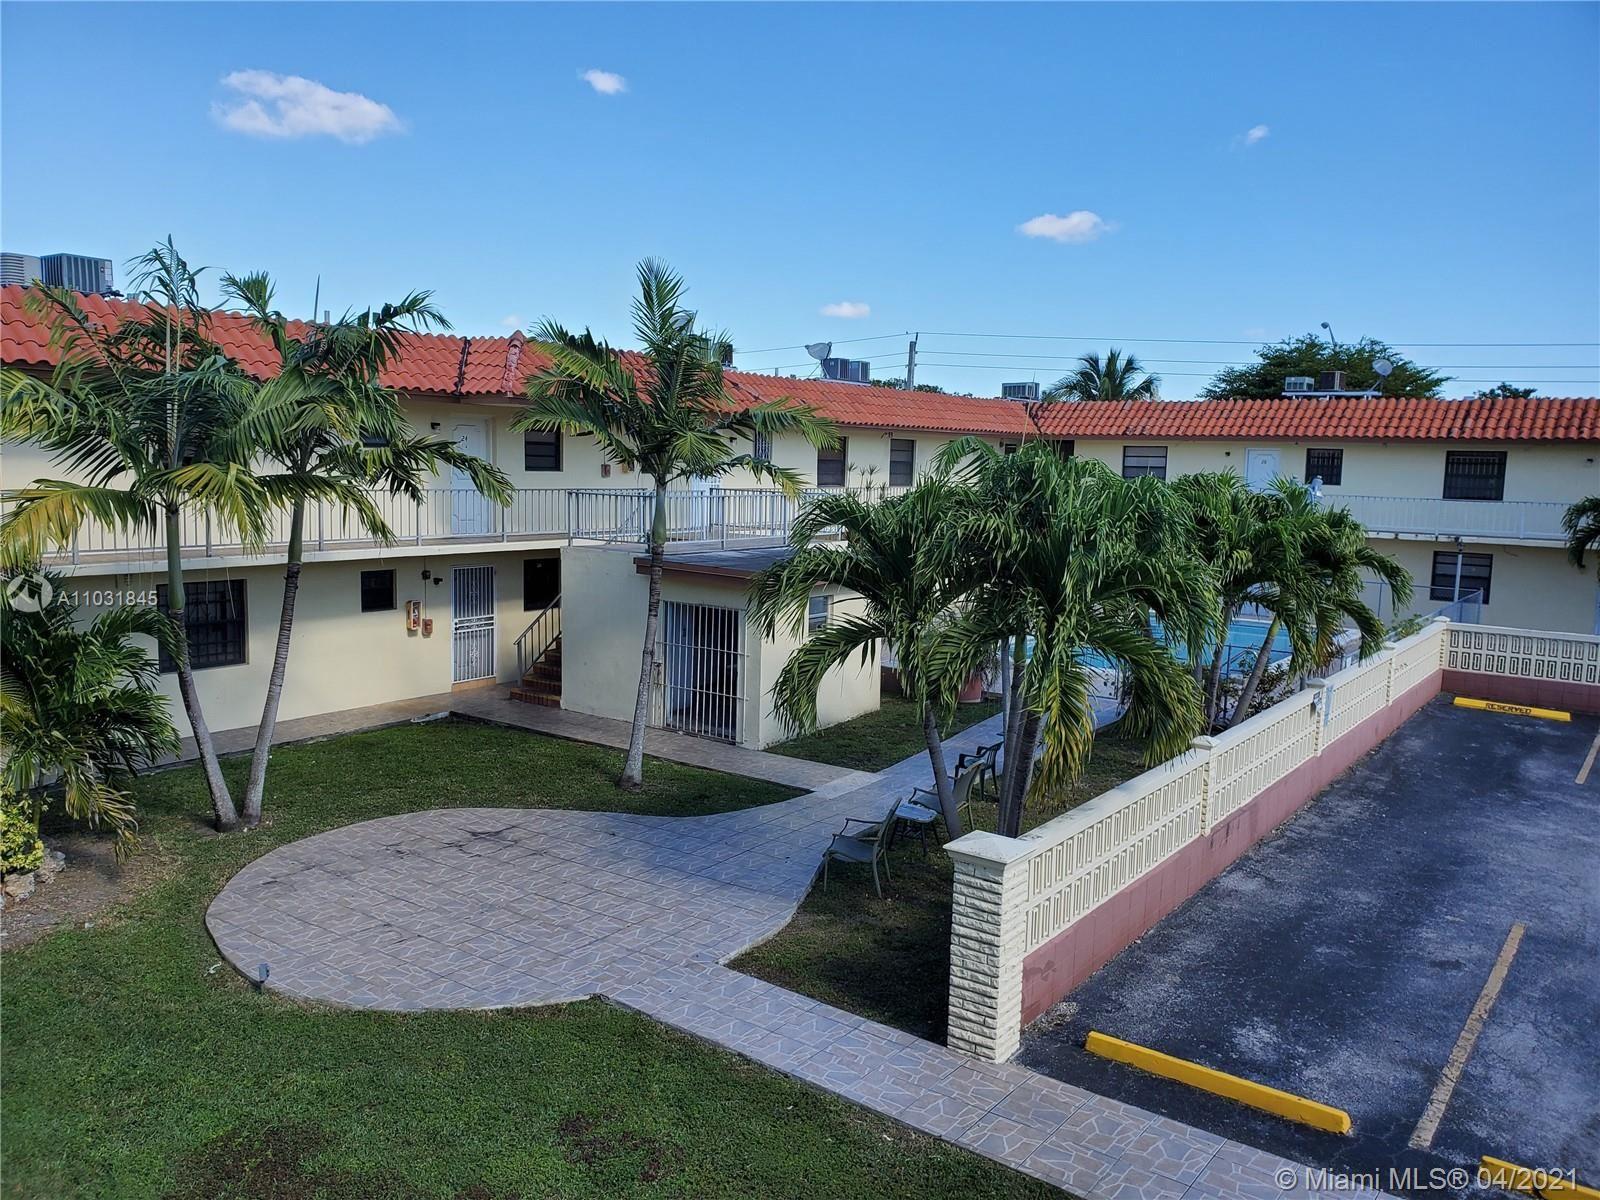 8701 SW 12th St #20, Miami, FL 33174 - #: A11031845